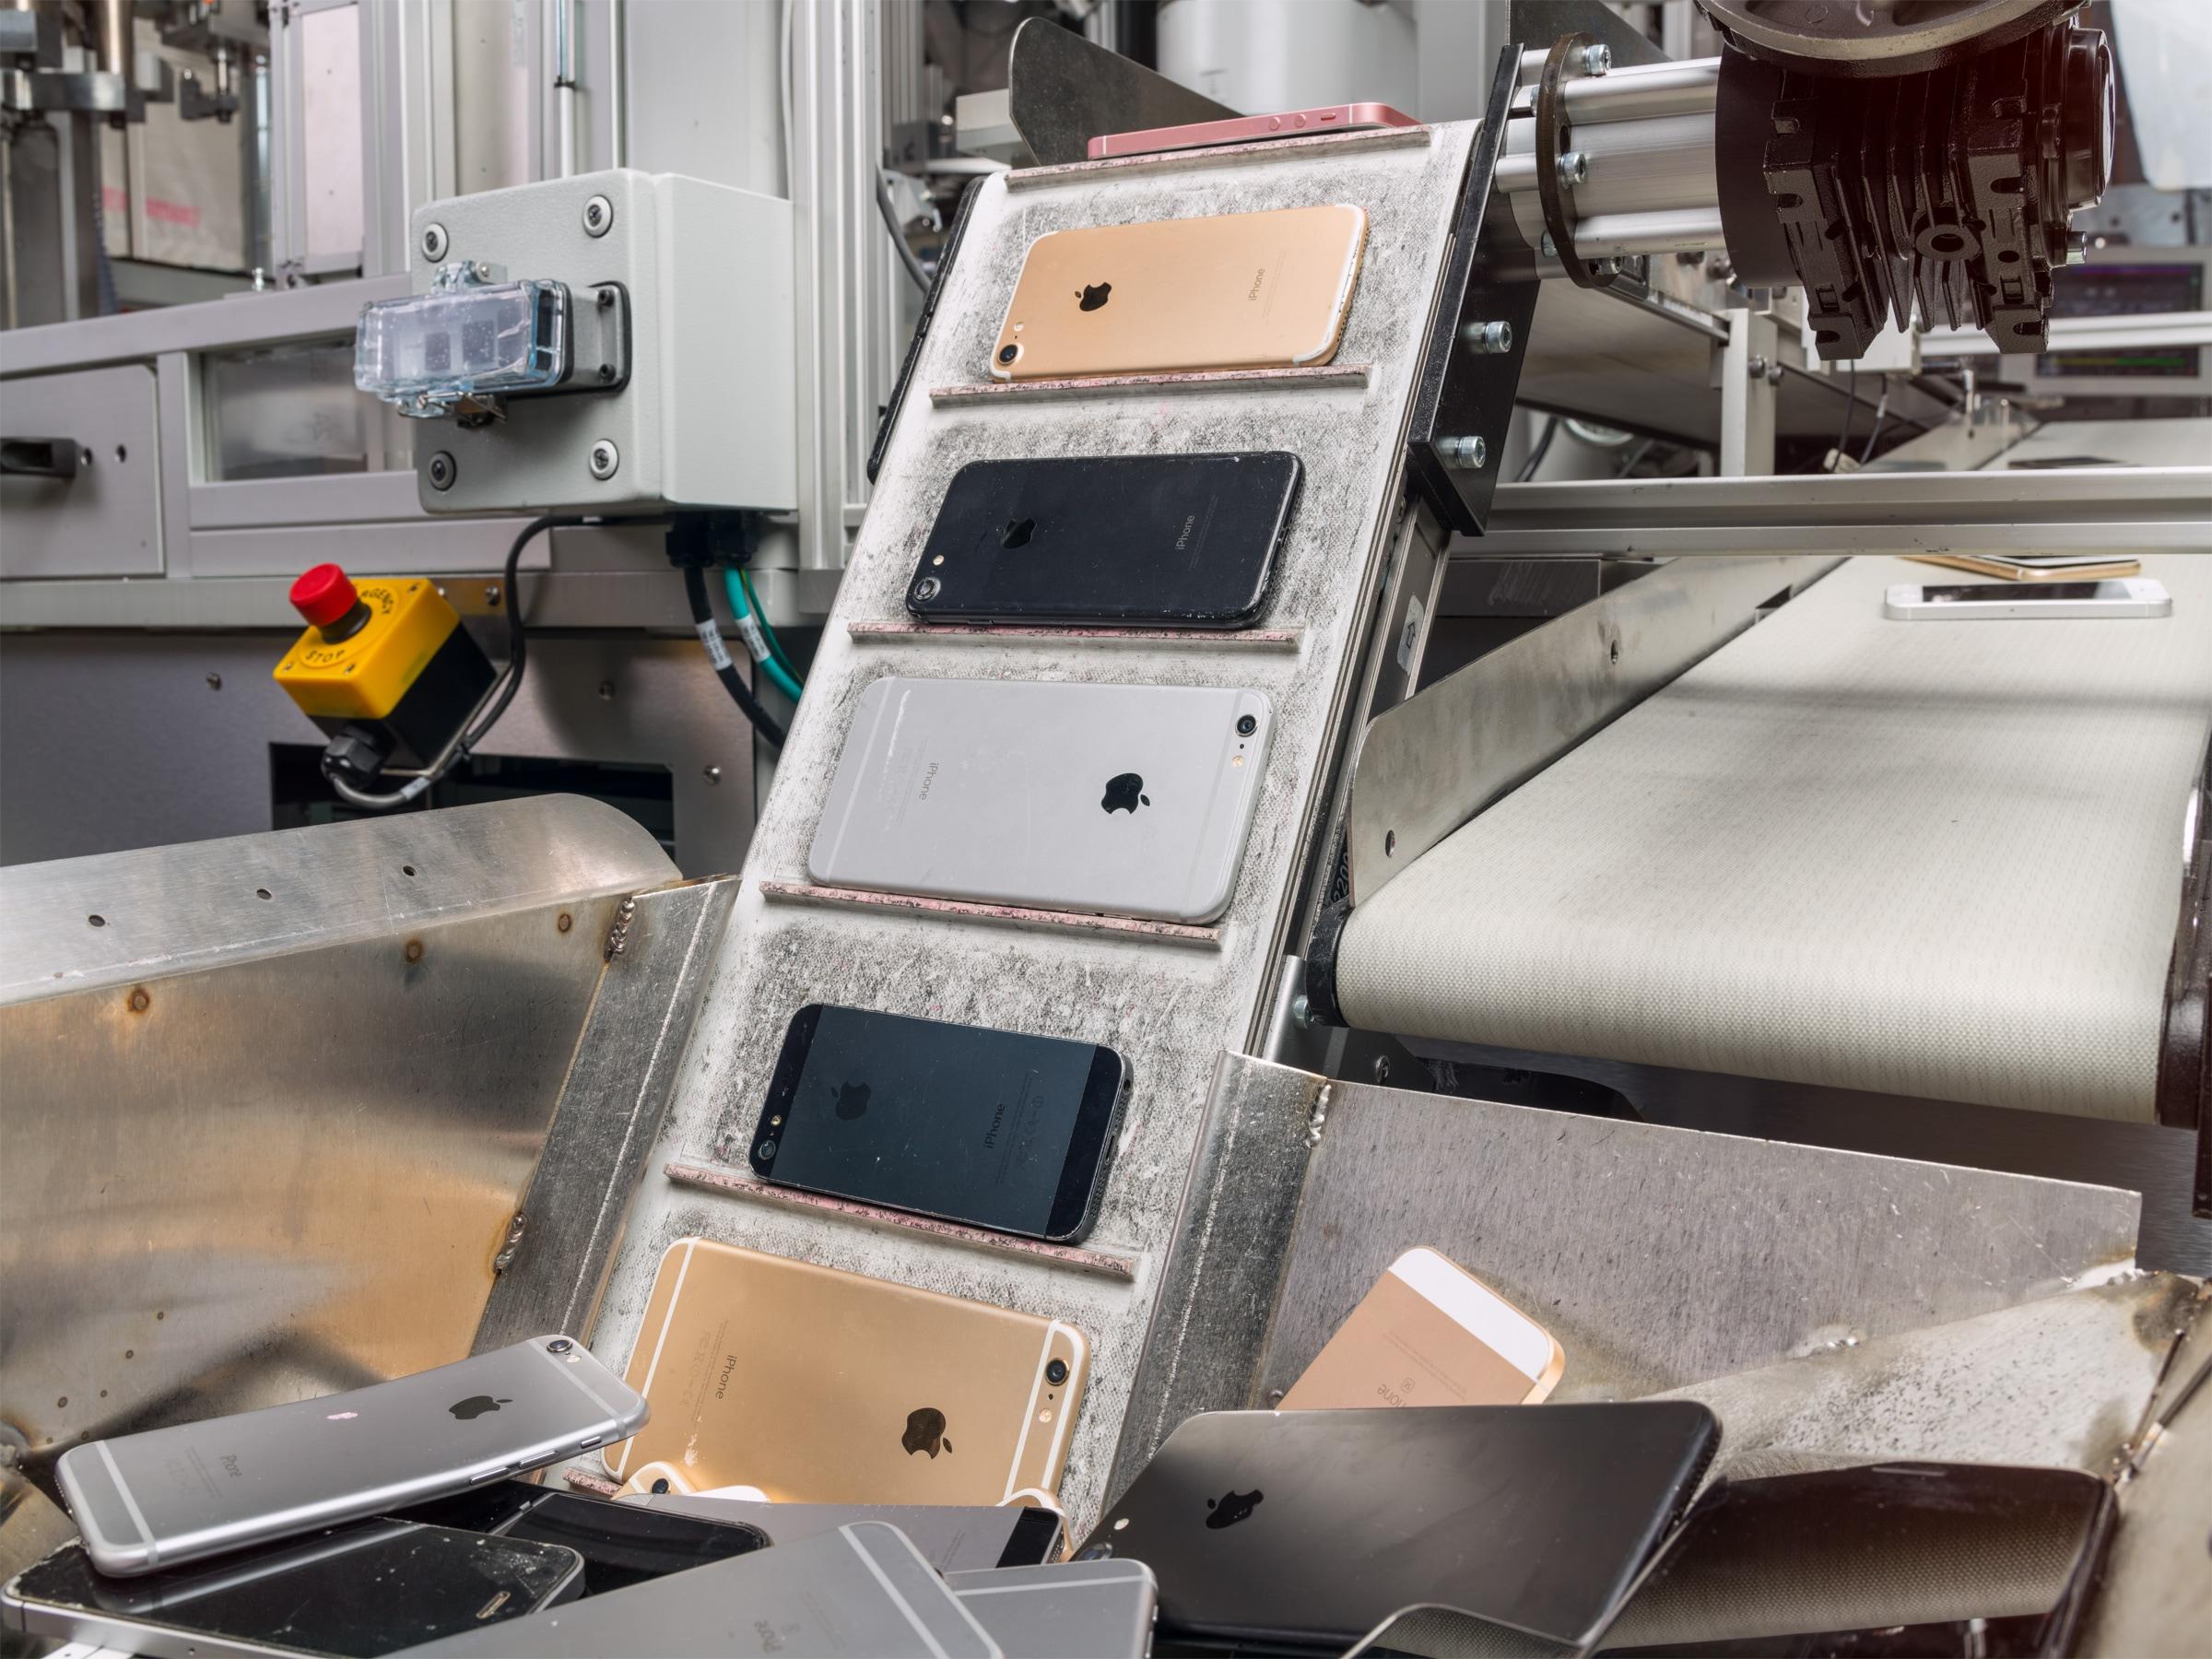 Robô Daisy da Apple para desmontagem de iPhones